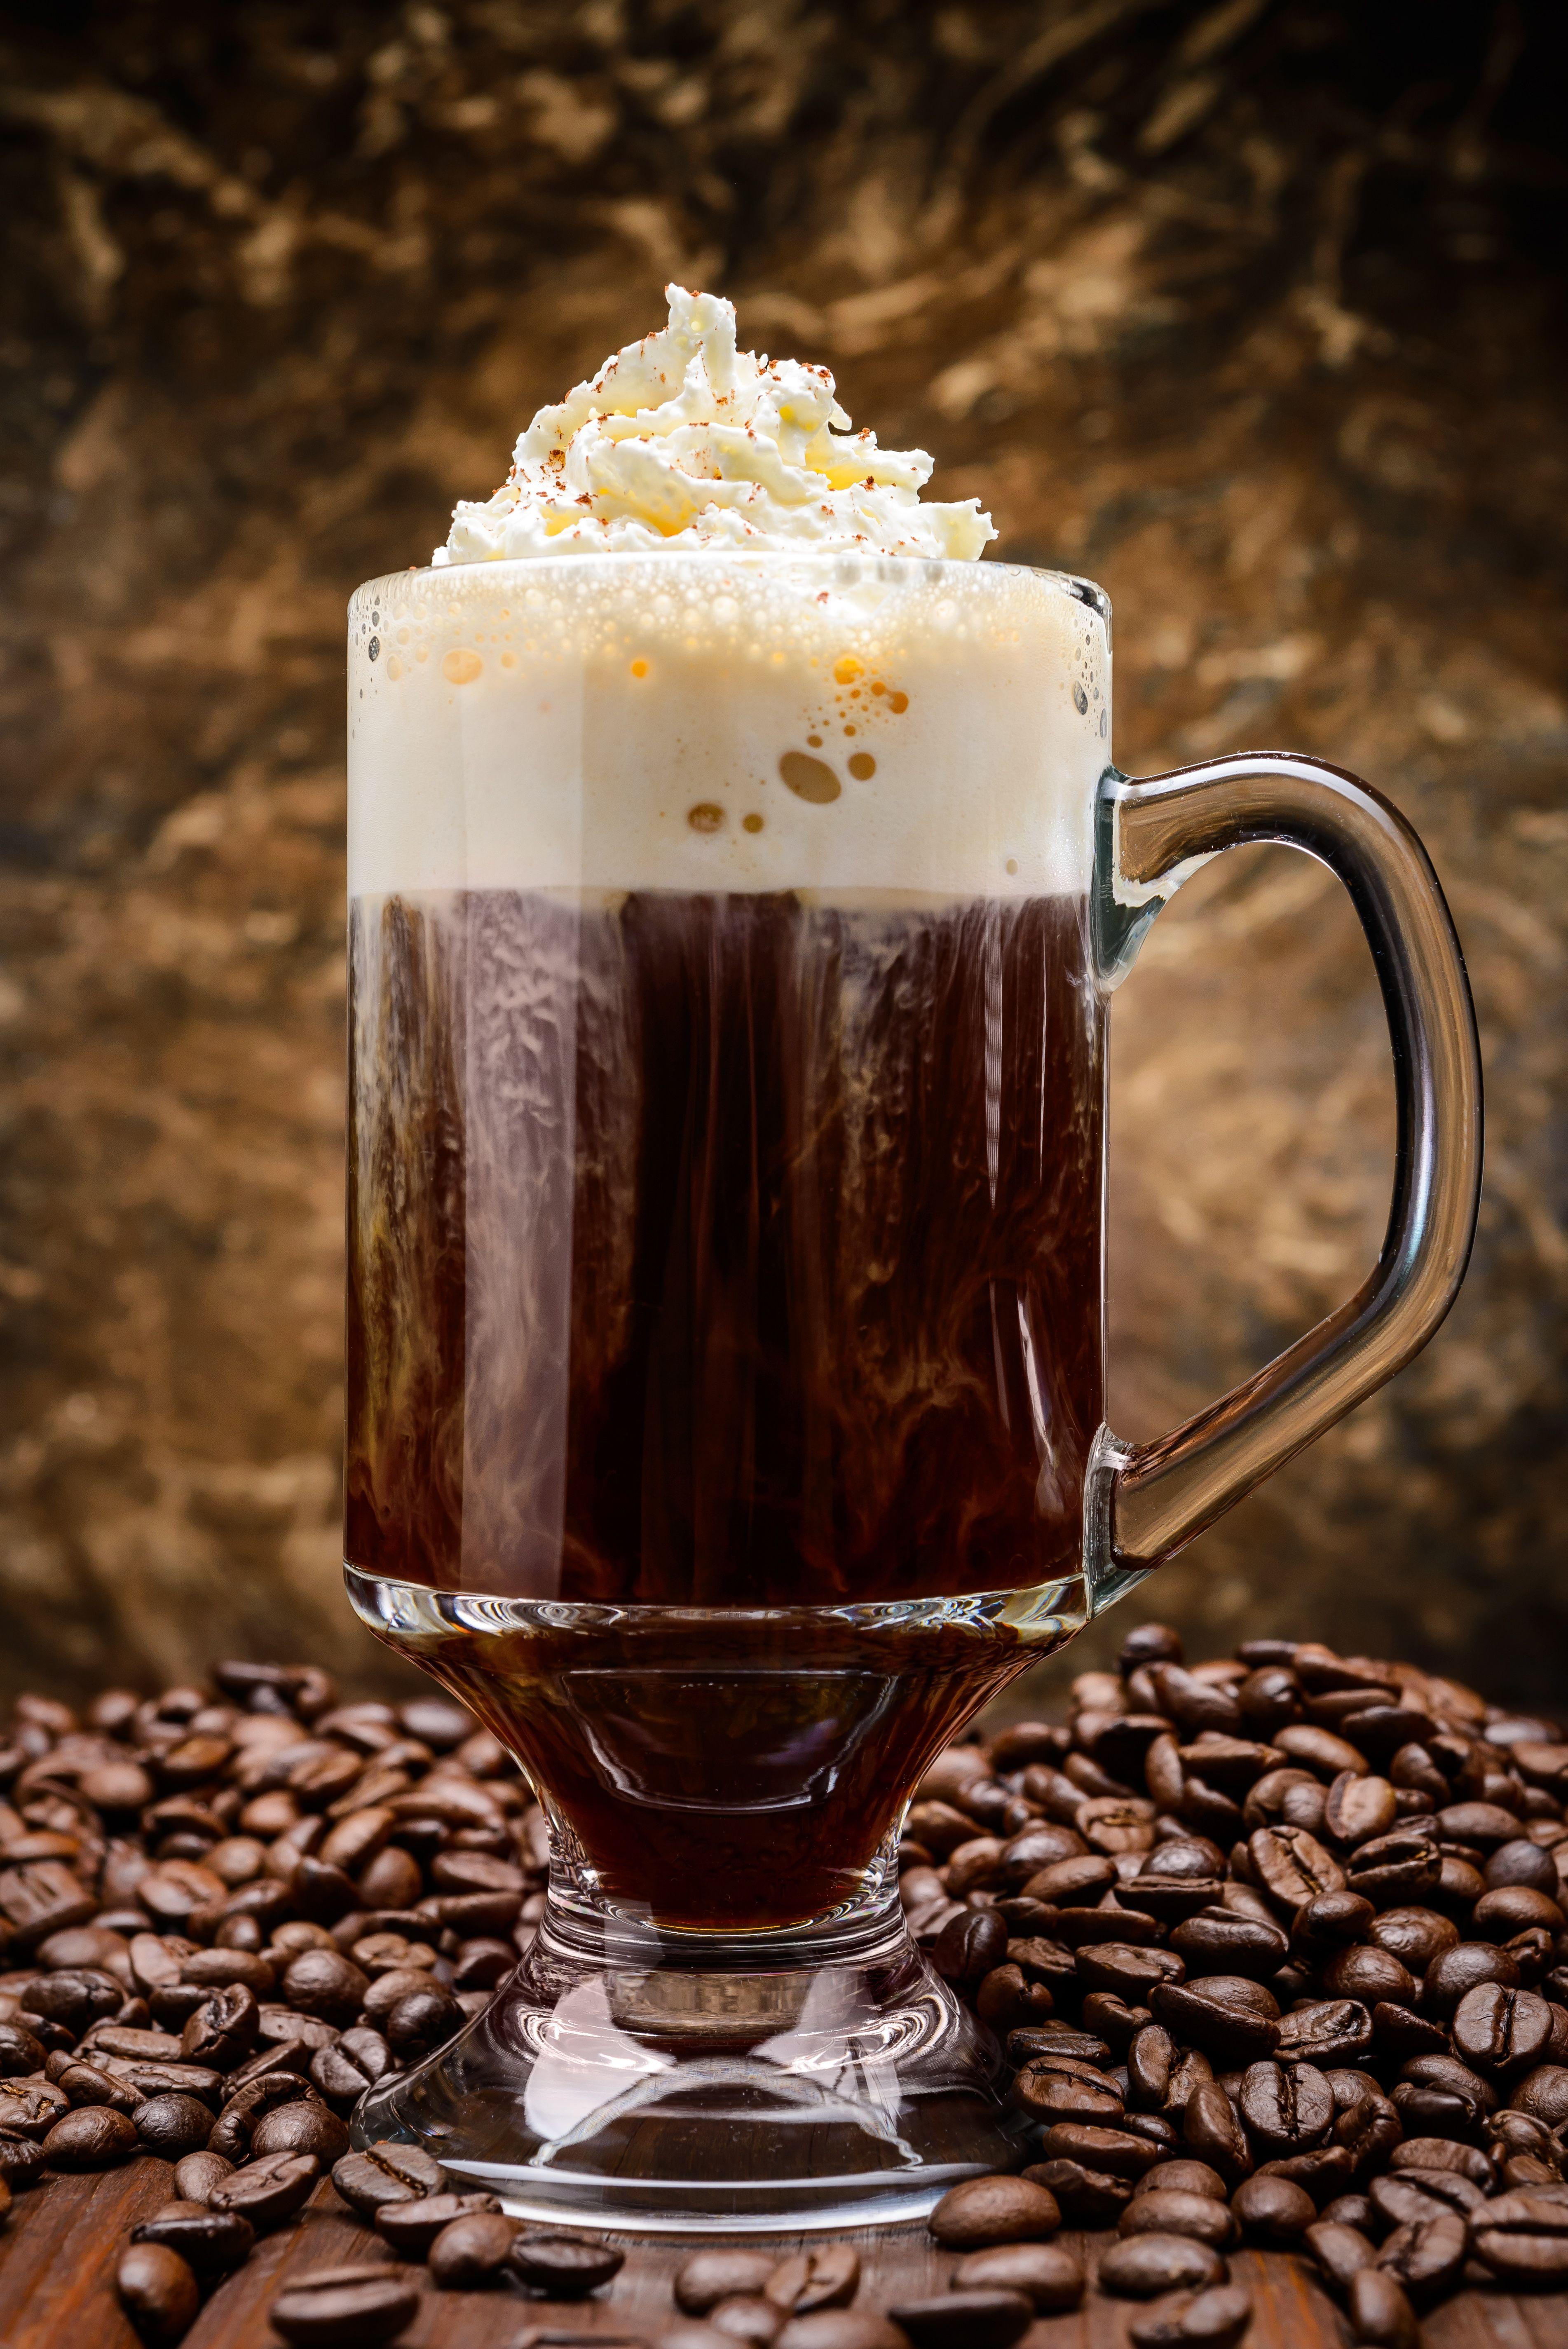 Irish Coffee 1½ oz Jameson Black Barrel Irish Whiskey, 1